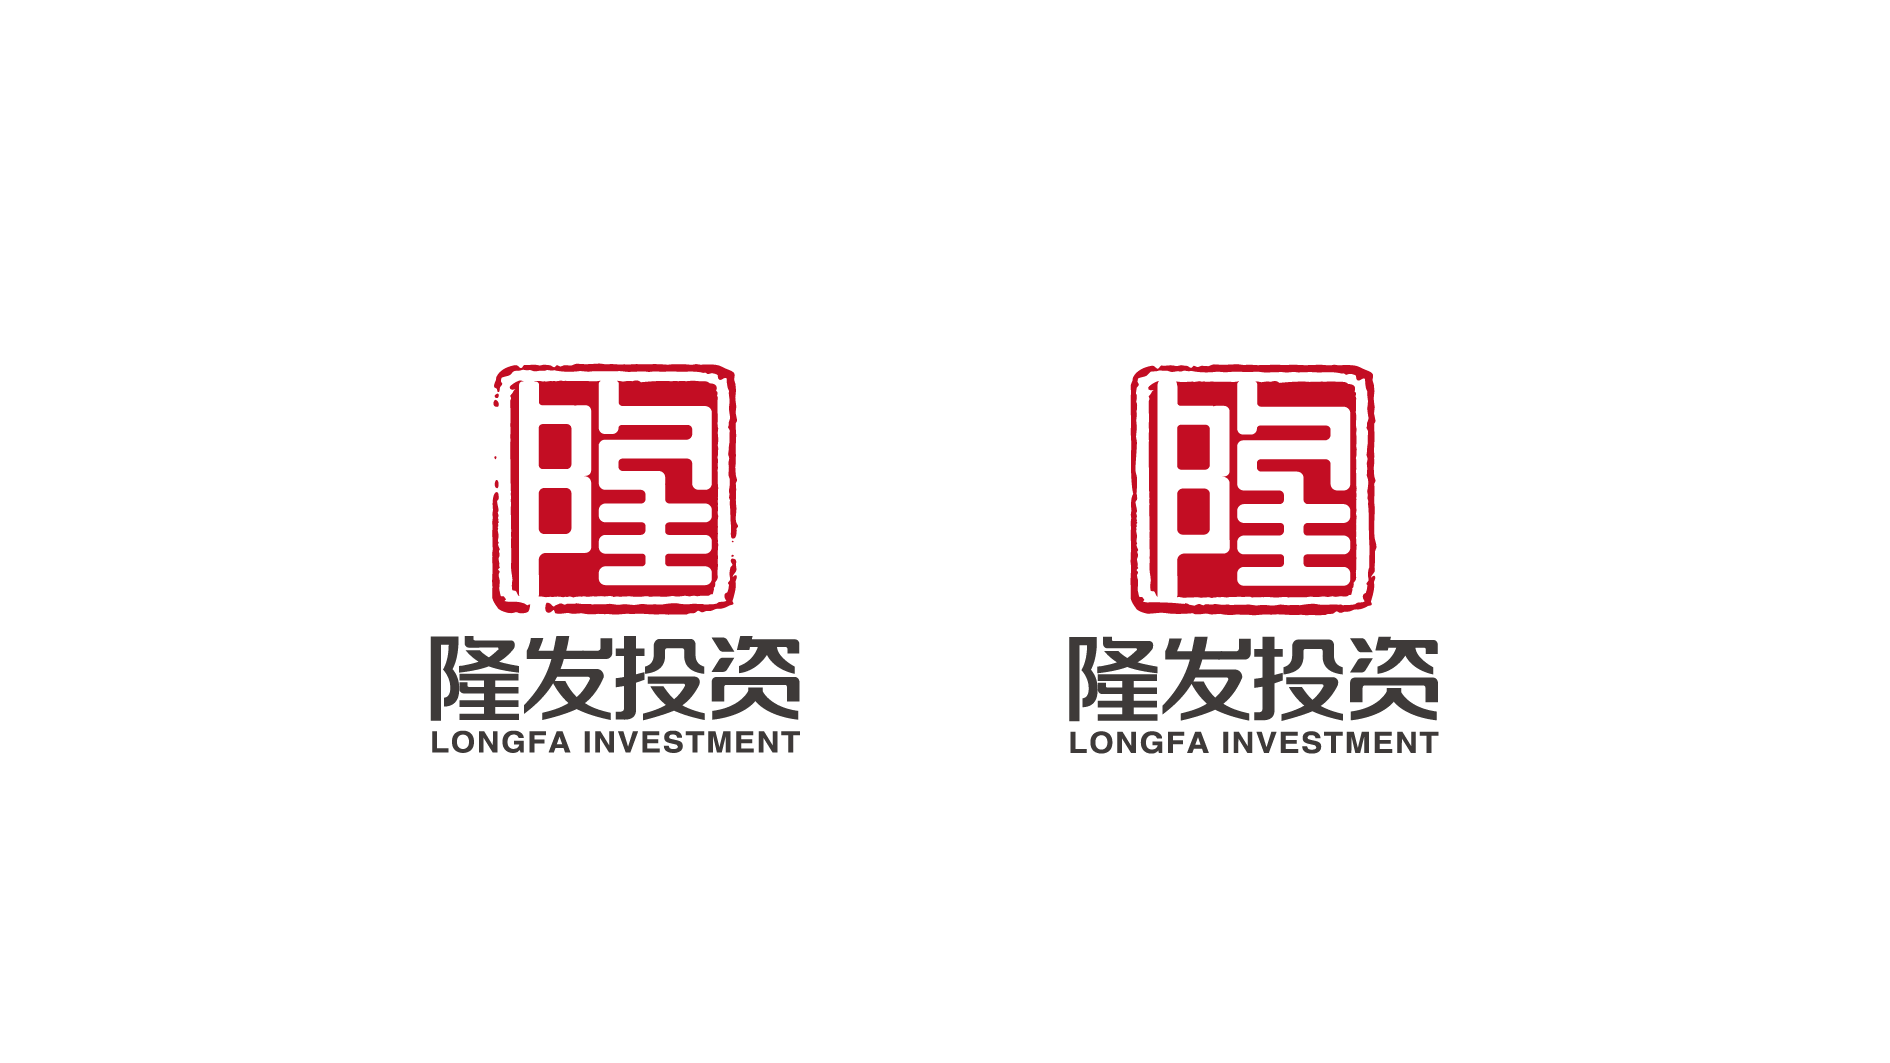 隆发投资公司LOGO万博手机官网